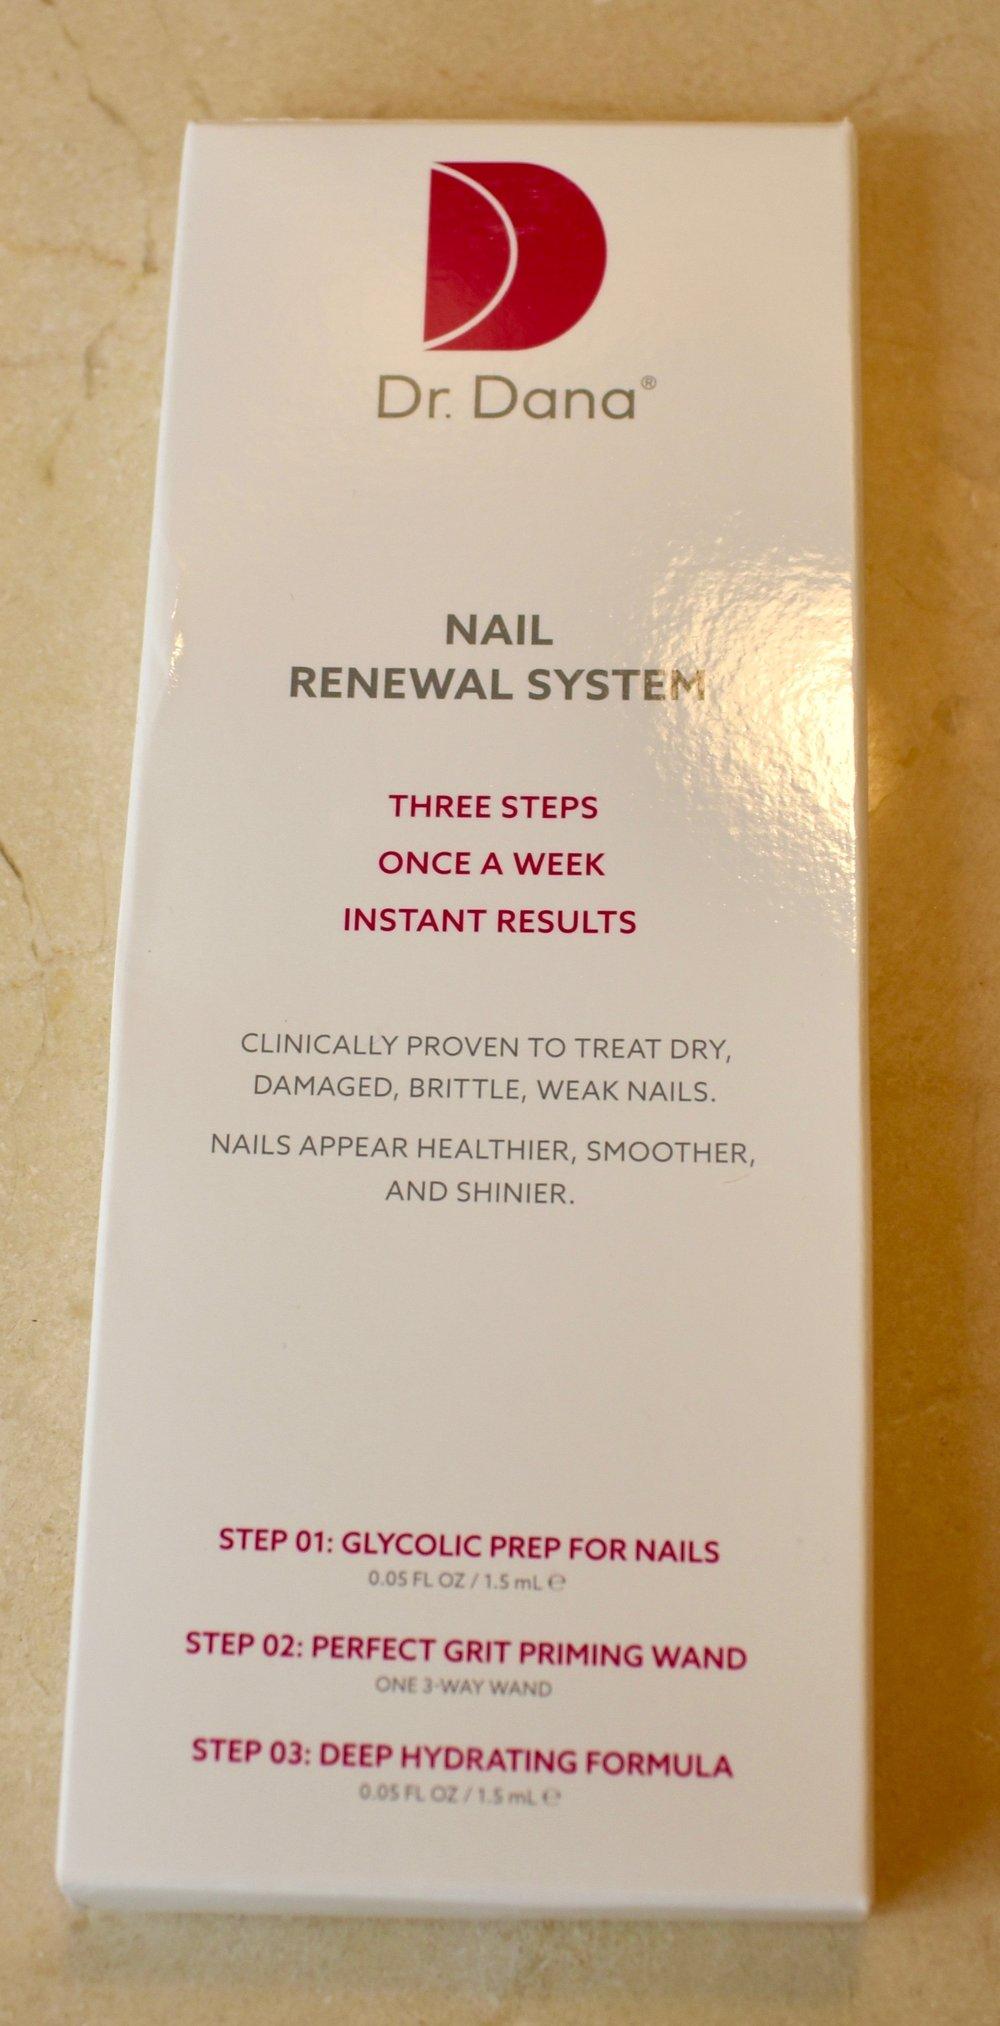 Dr. Dana Nail Renewal System